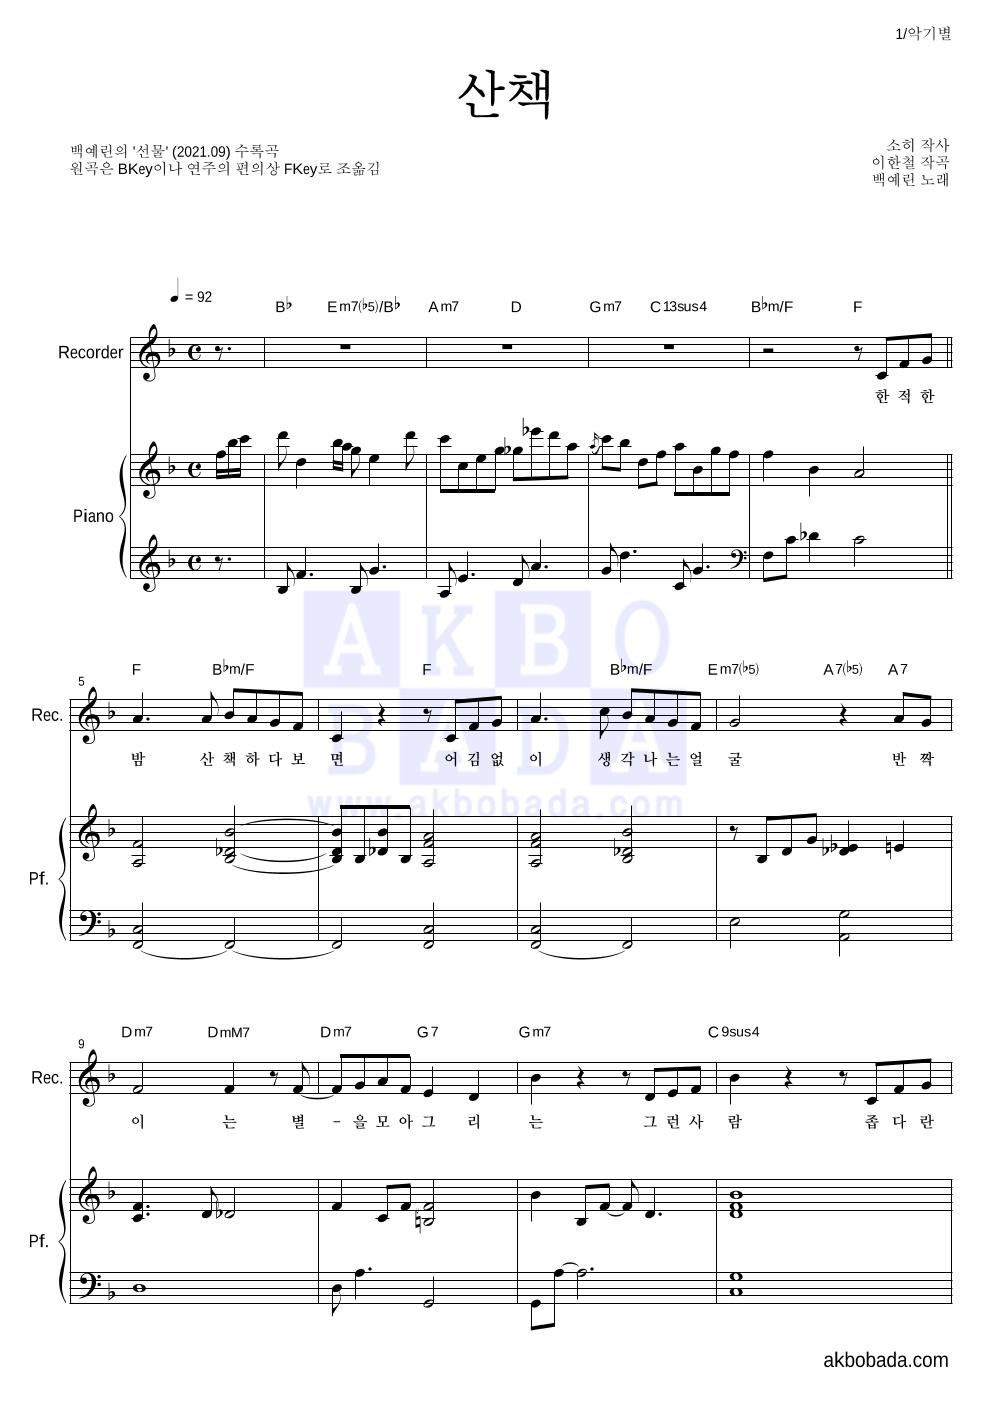 백예린 - 산책 리코더&피아노 악보